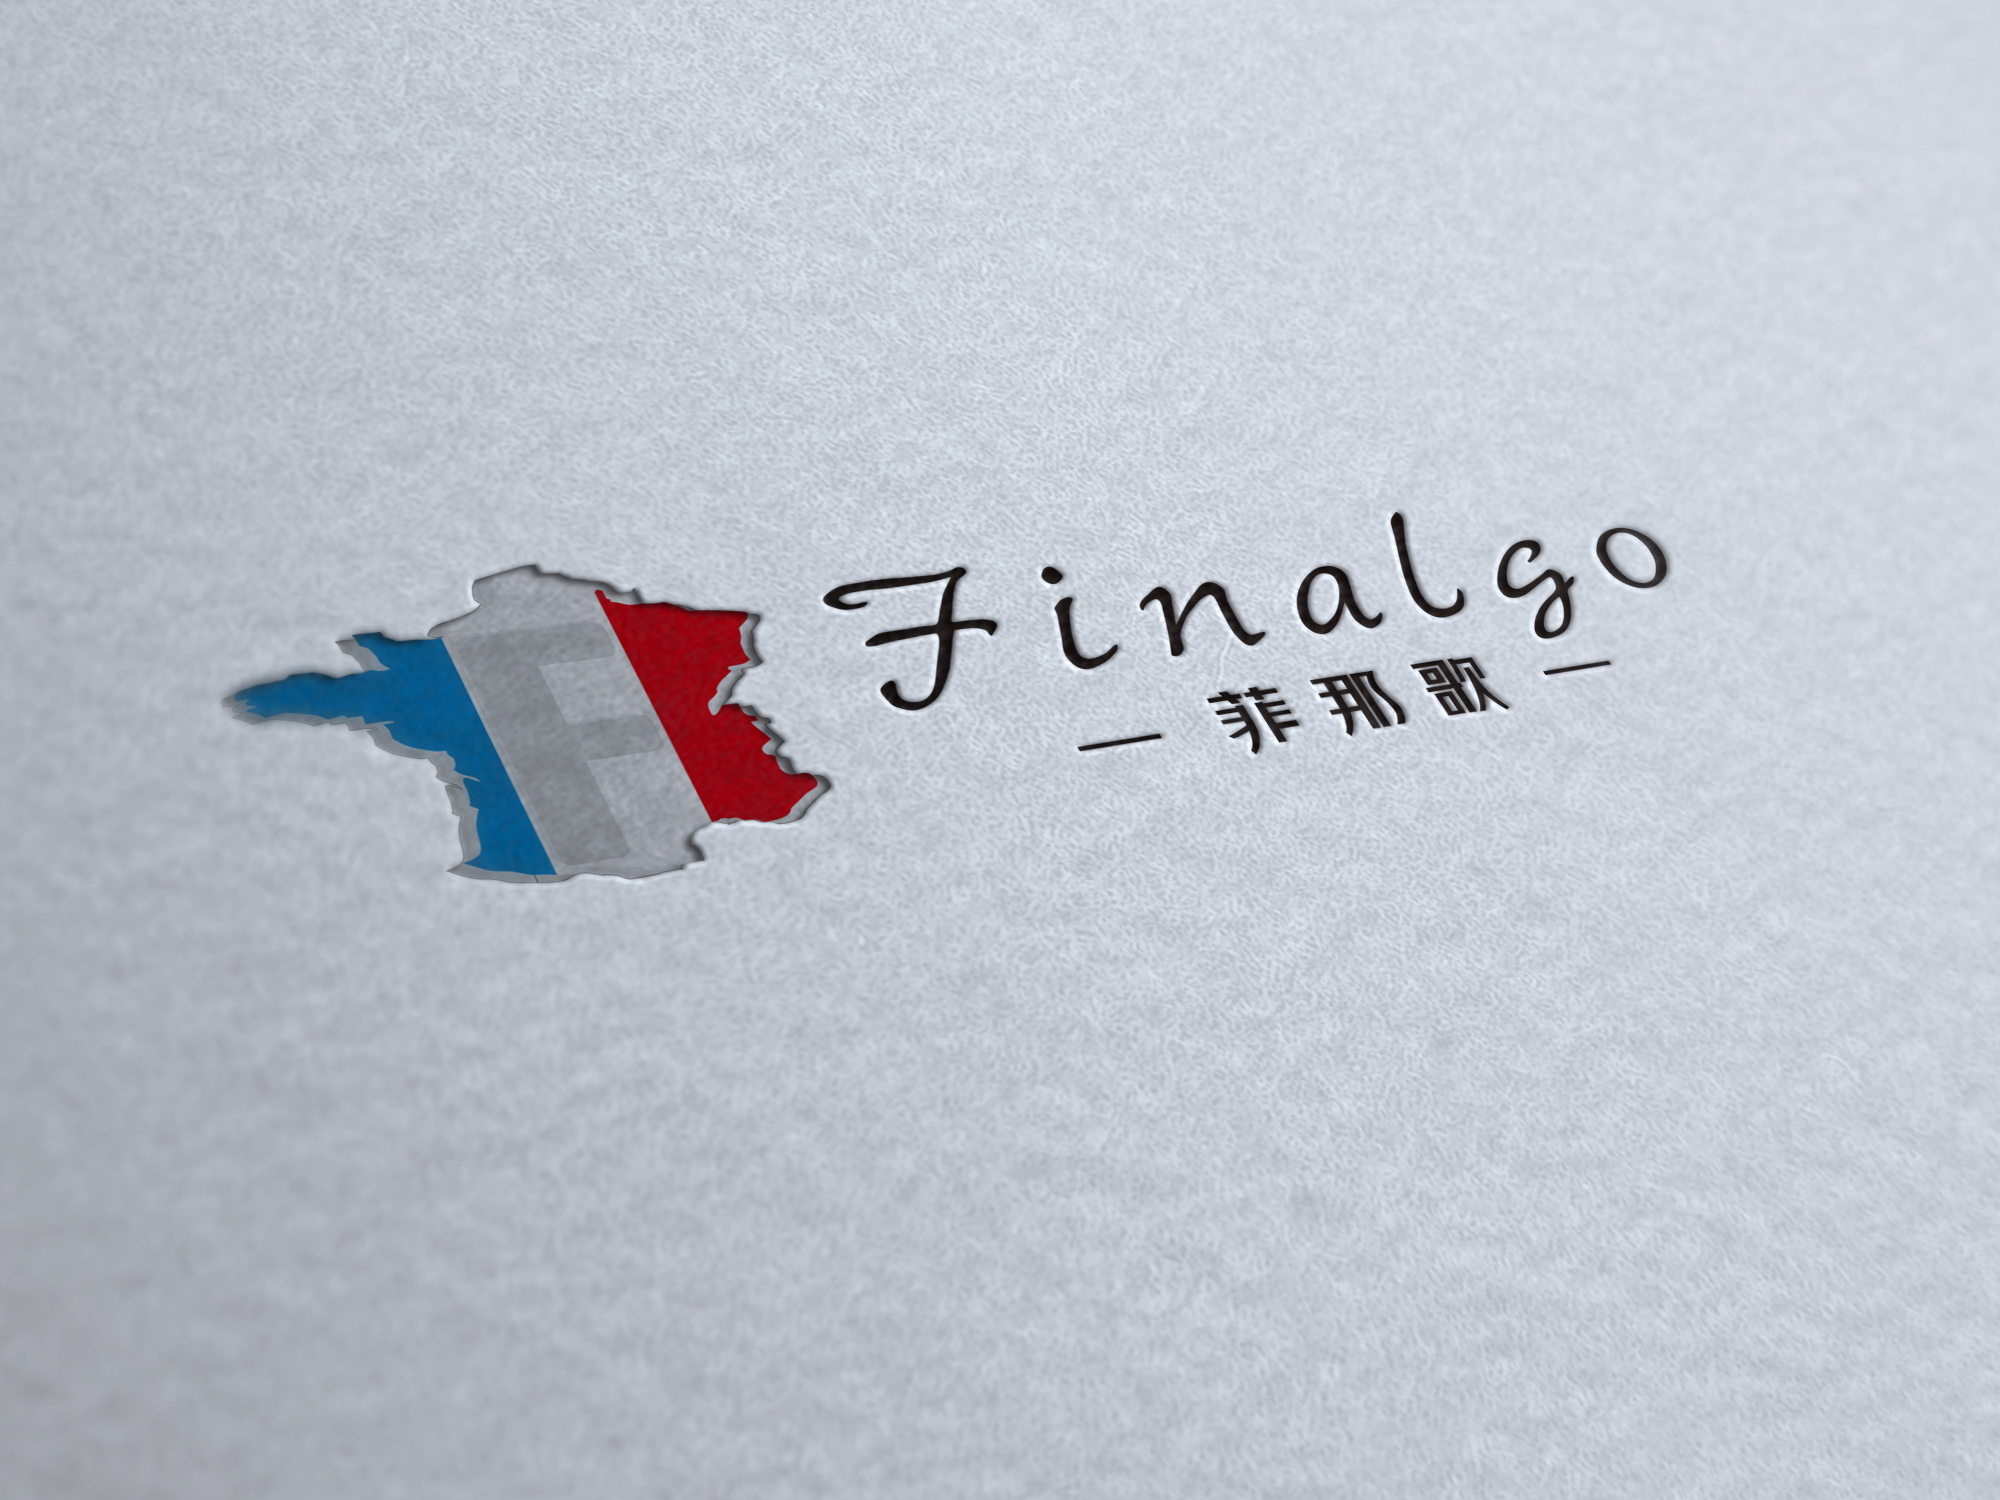 兴发娱乐,兴发娱乐网址,兴发娱乐官网企业logo设计